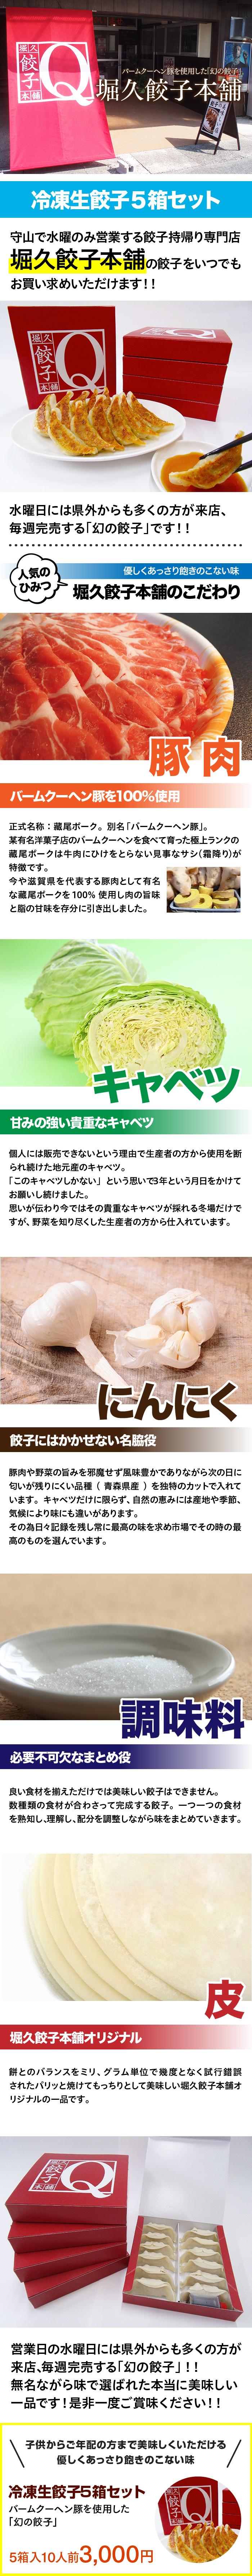 営業日の水曜日には県外からも多くの方が 来店、毎週完売する「幻の餃子」!! 無名ながら味で選ばれた本当に美味しい 一品です!是非一度ご賞味ください!!